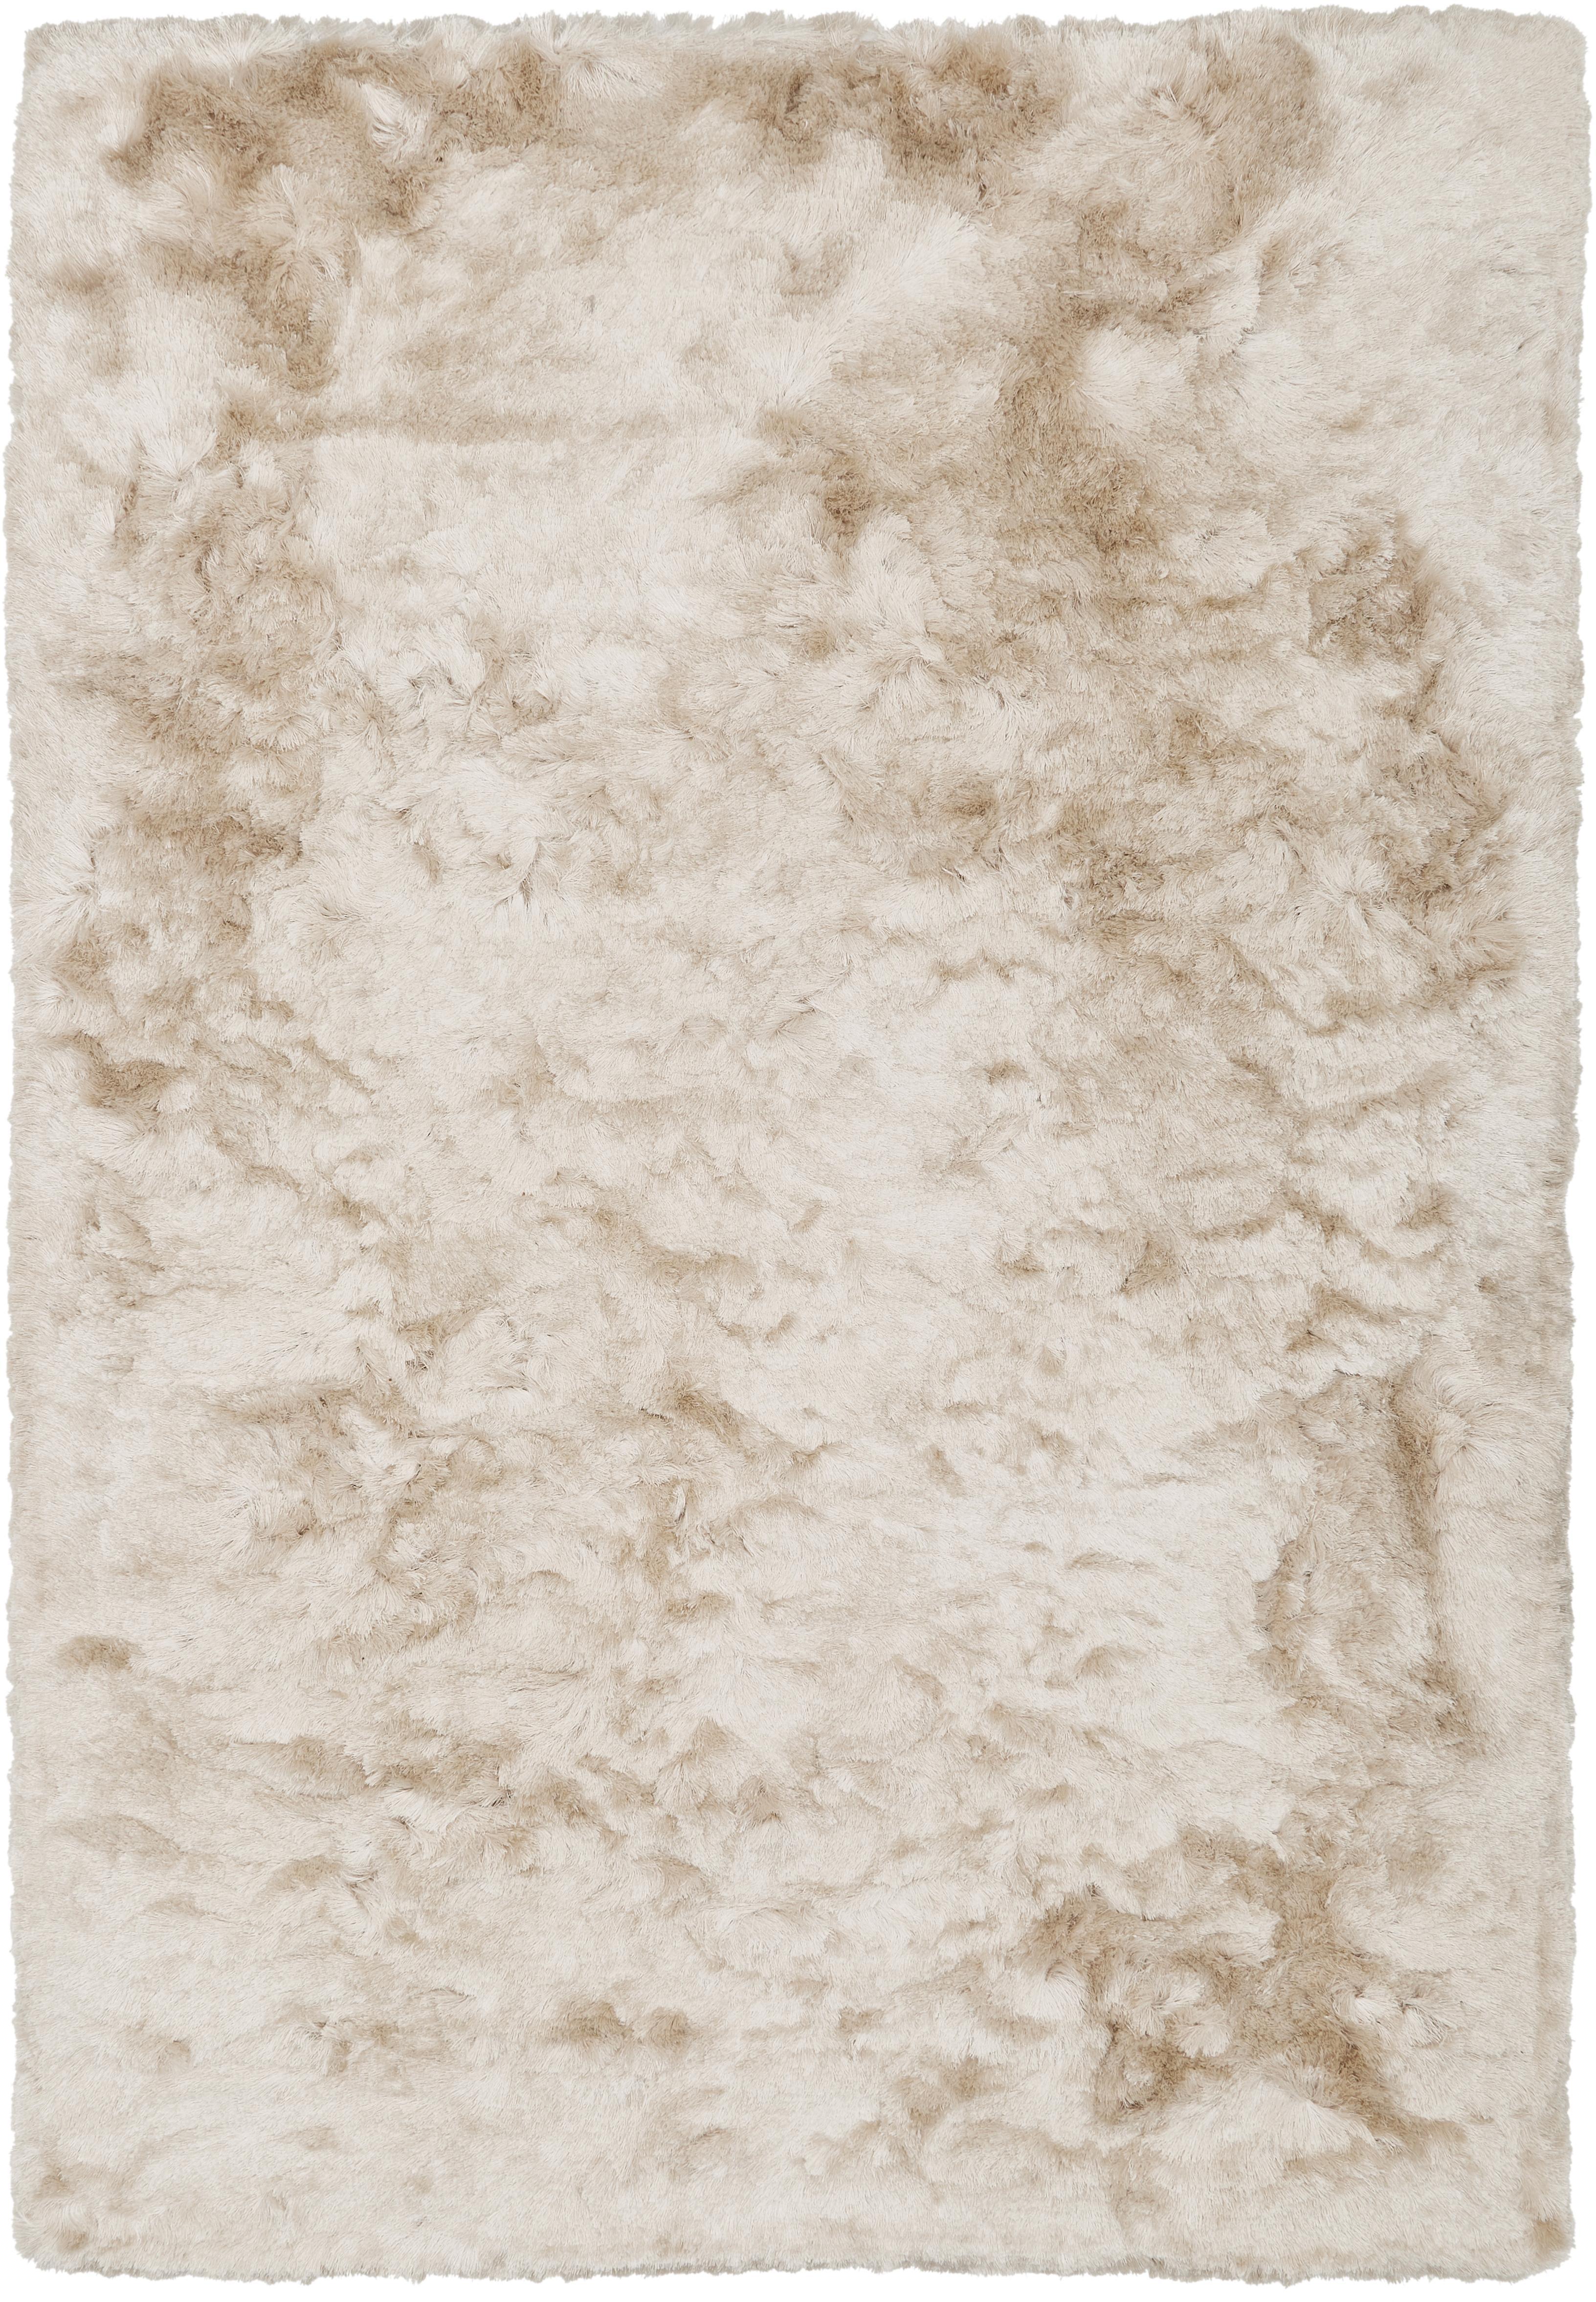 Handgetuft vloerkleed Jimmy, Bovenzijde: 100% polyester, Onderzijde: 100% katoen, Ivoorkleurig, 120 x 180 cm